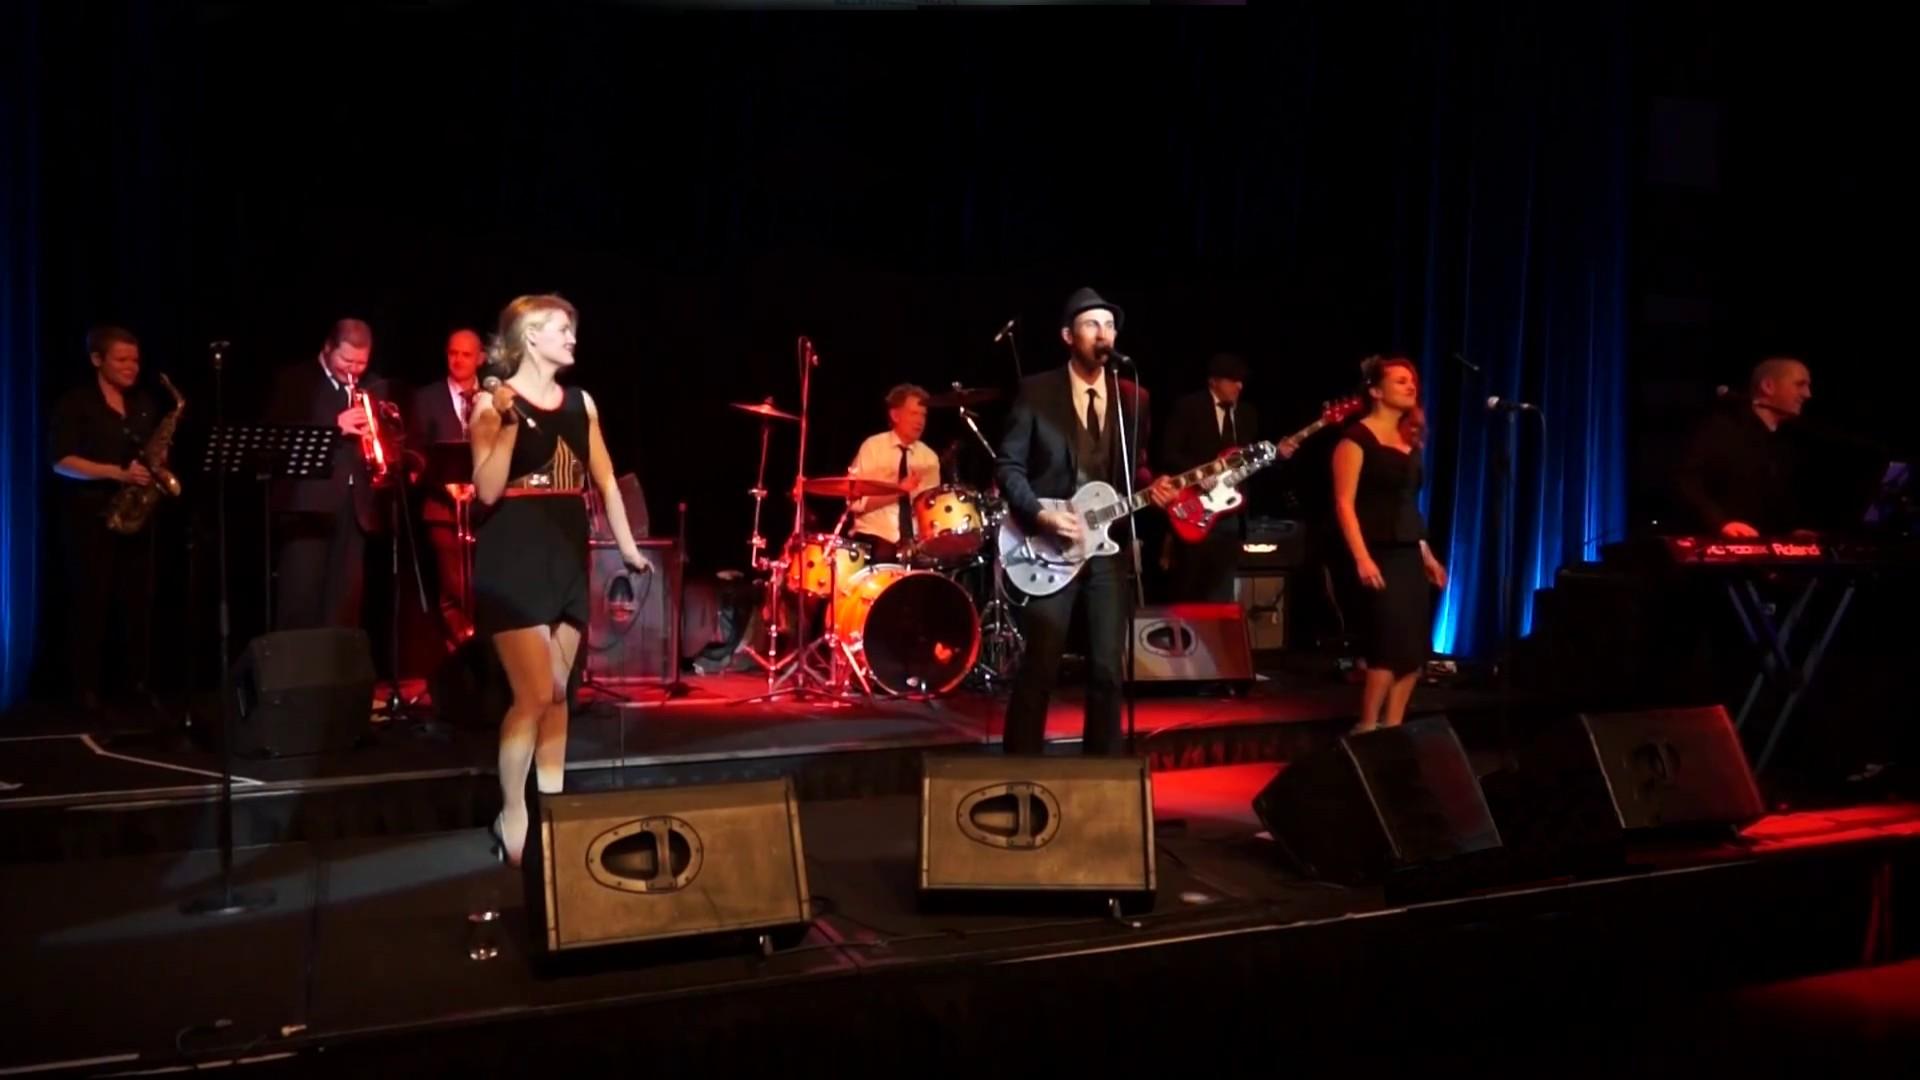 Dan Melita Musical Services